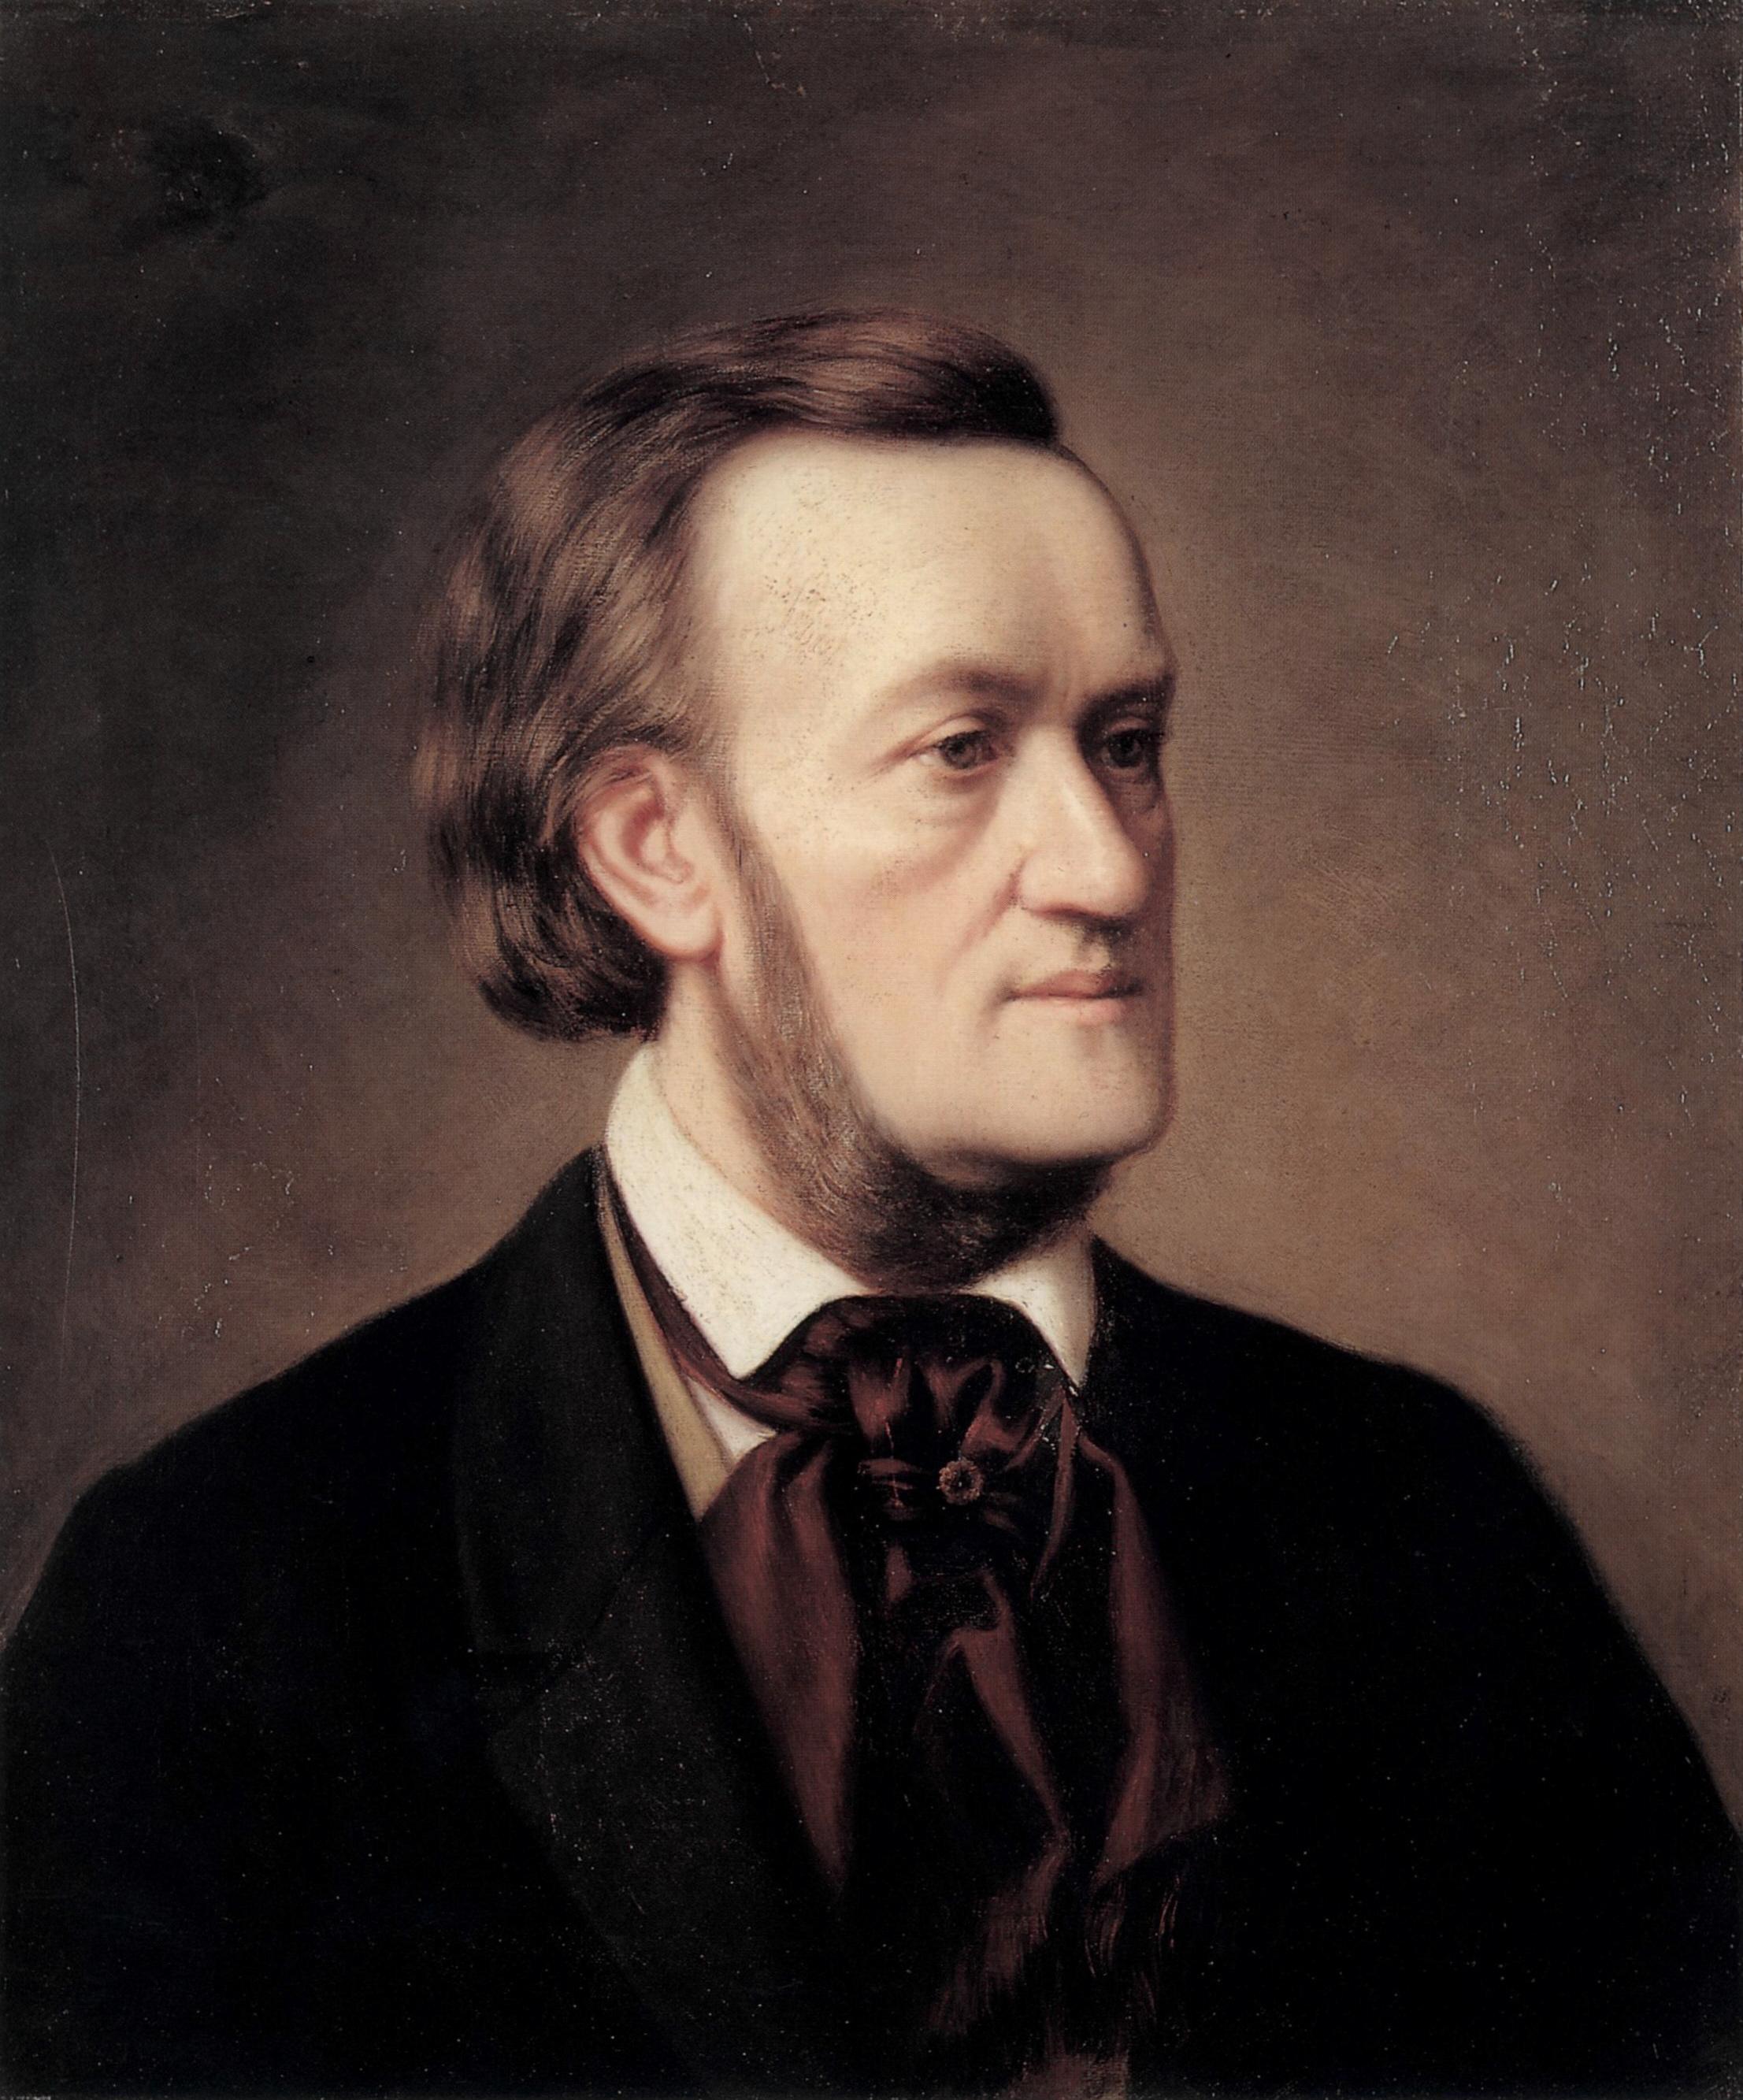 Retrato de Richard Wagner elaborado en 1862 por Cäsar Willich.